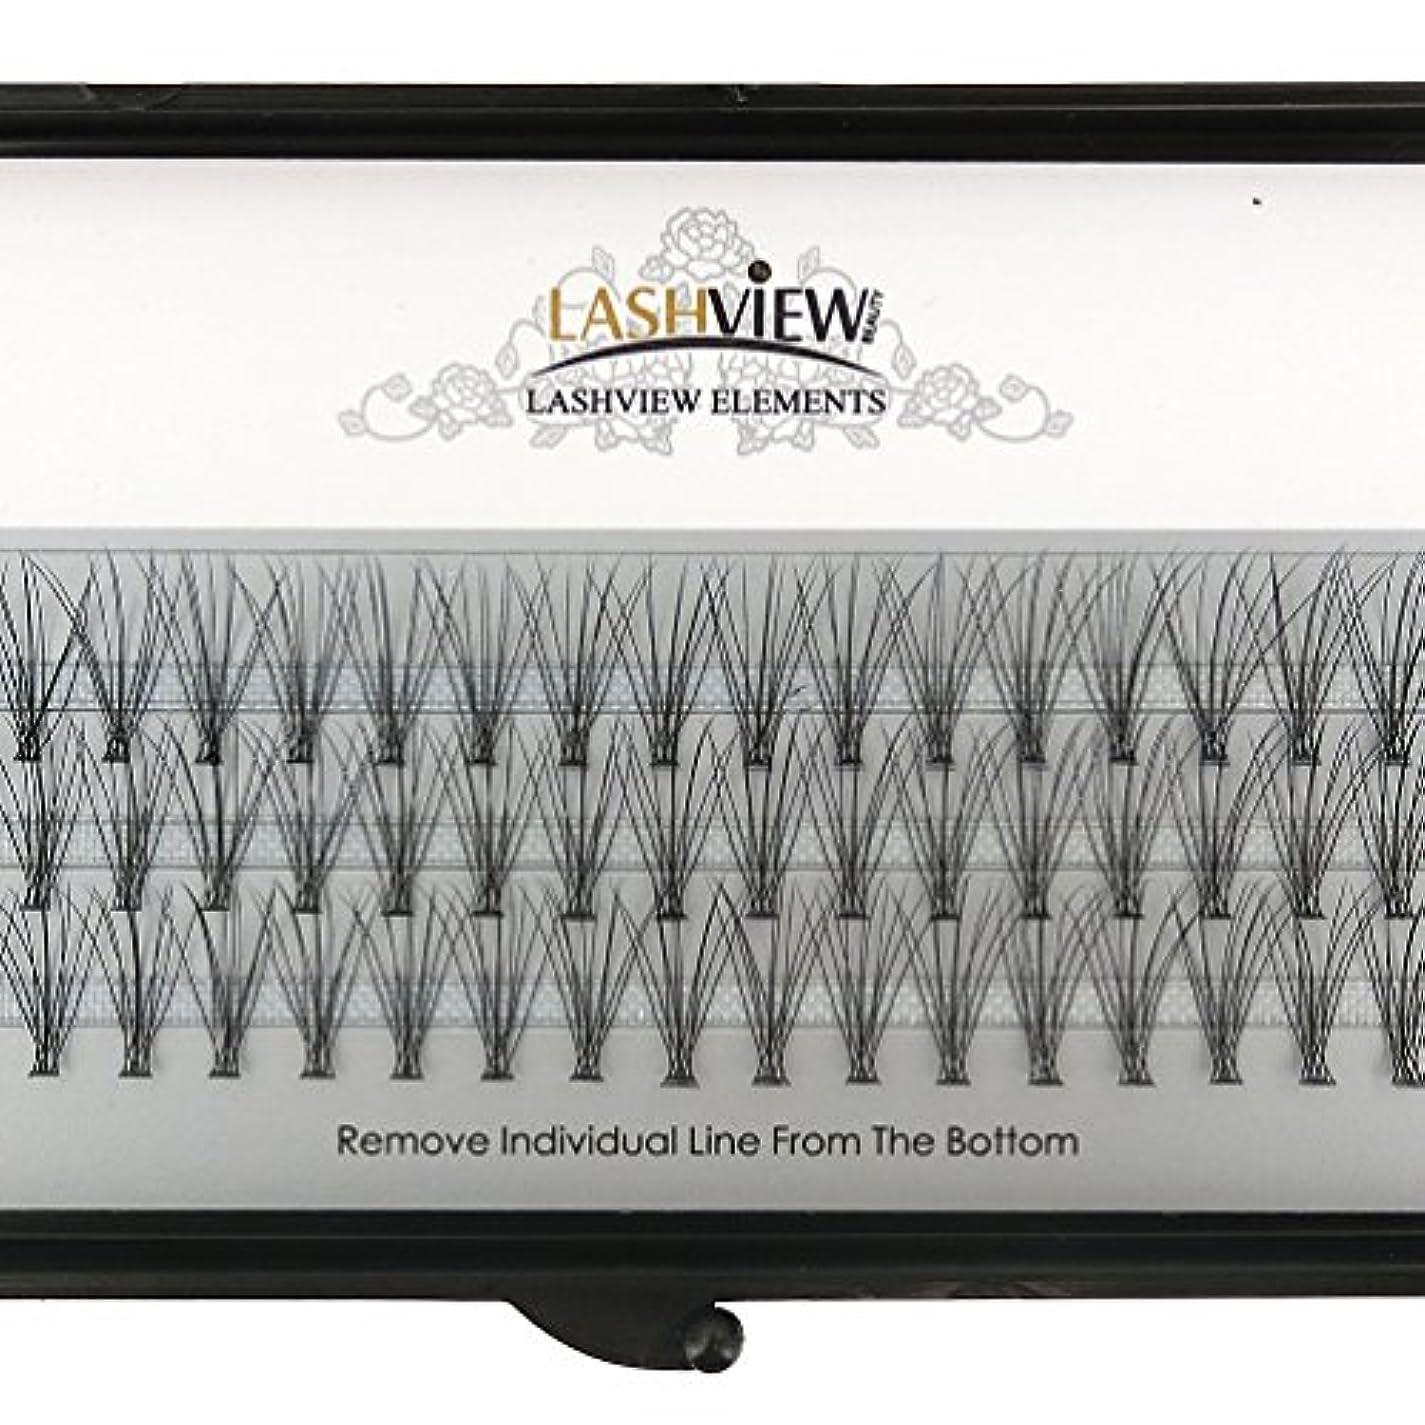 しかしテレビ普通にLASHVIEW 高品質まつげエクステフレア セルフ用 超極細素材 太さ0.07mm 12mm Cカール マツエク10本束